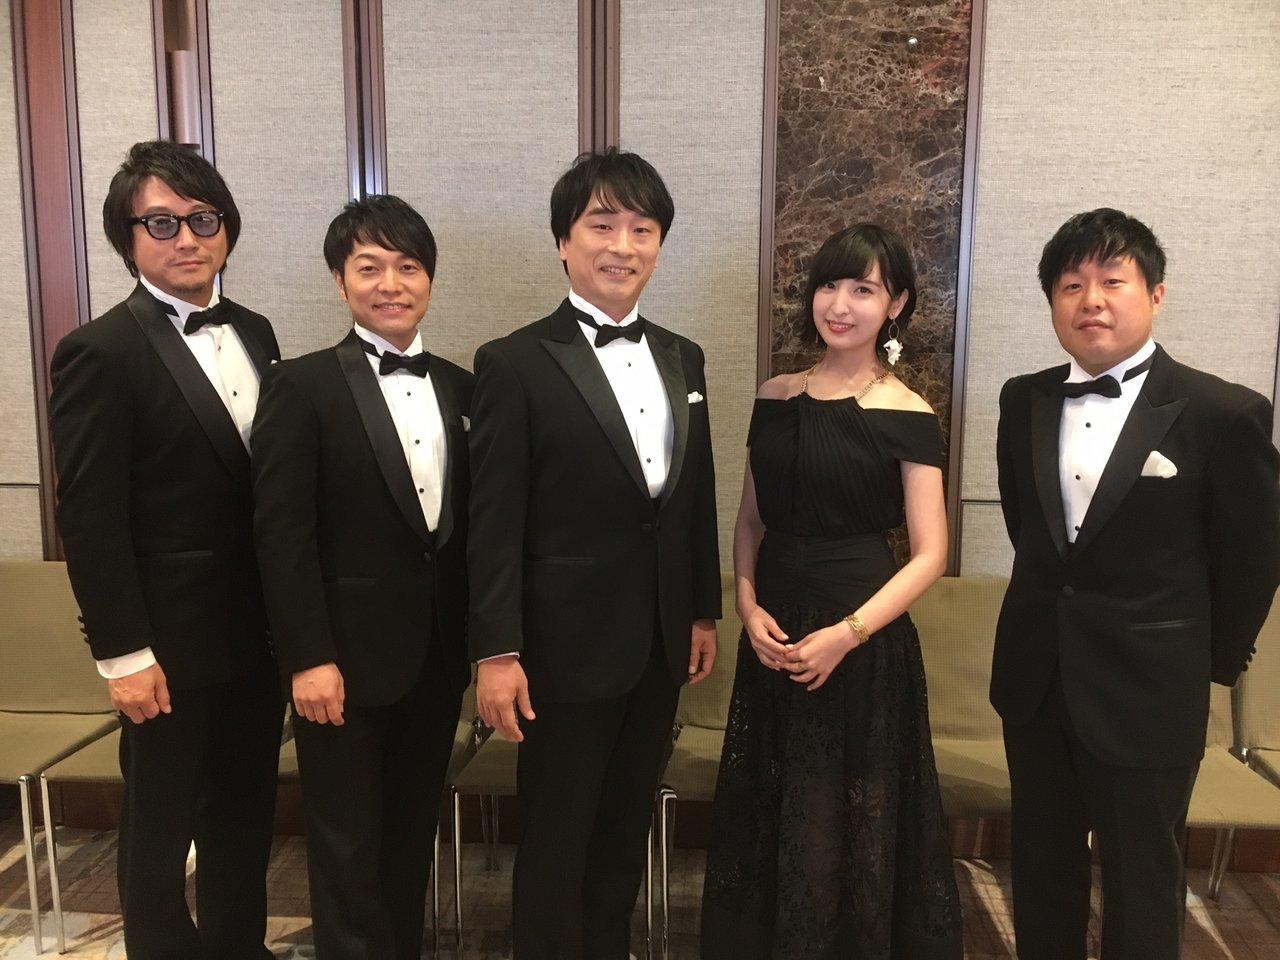 10:25_東京国際映画祭レッドカーペット